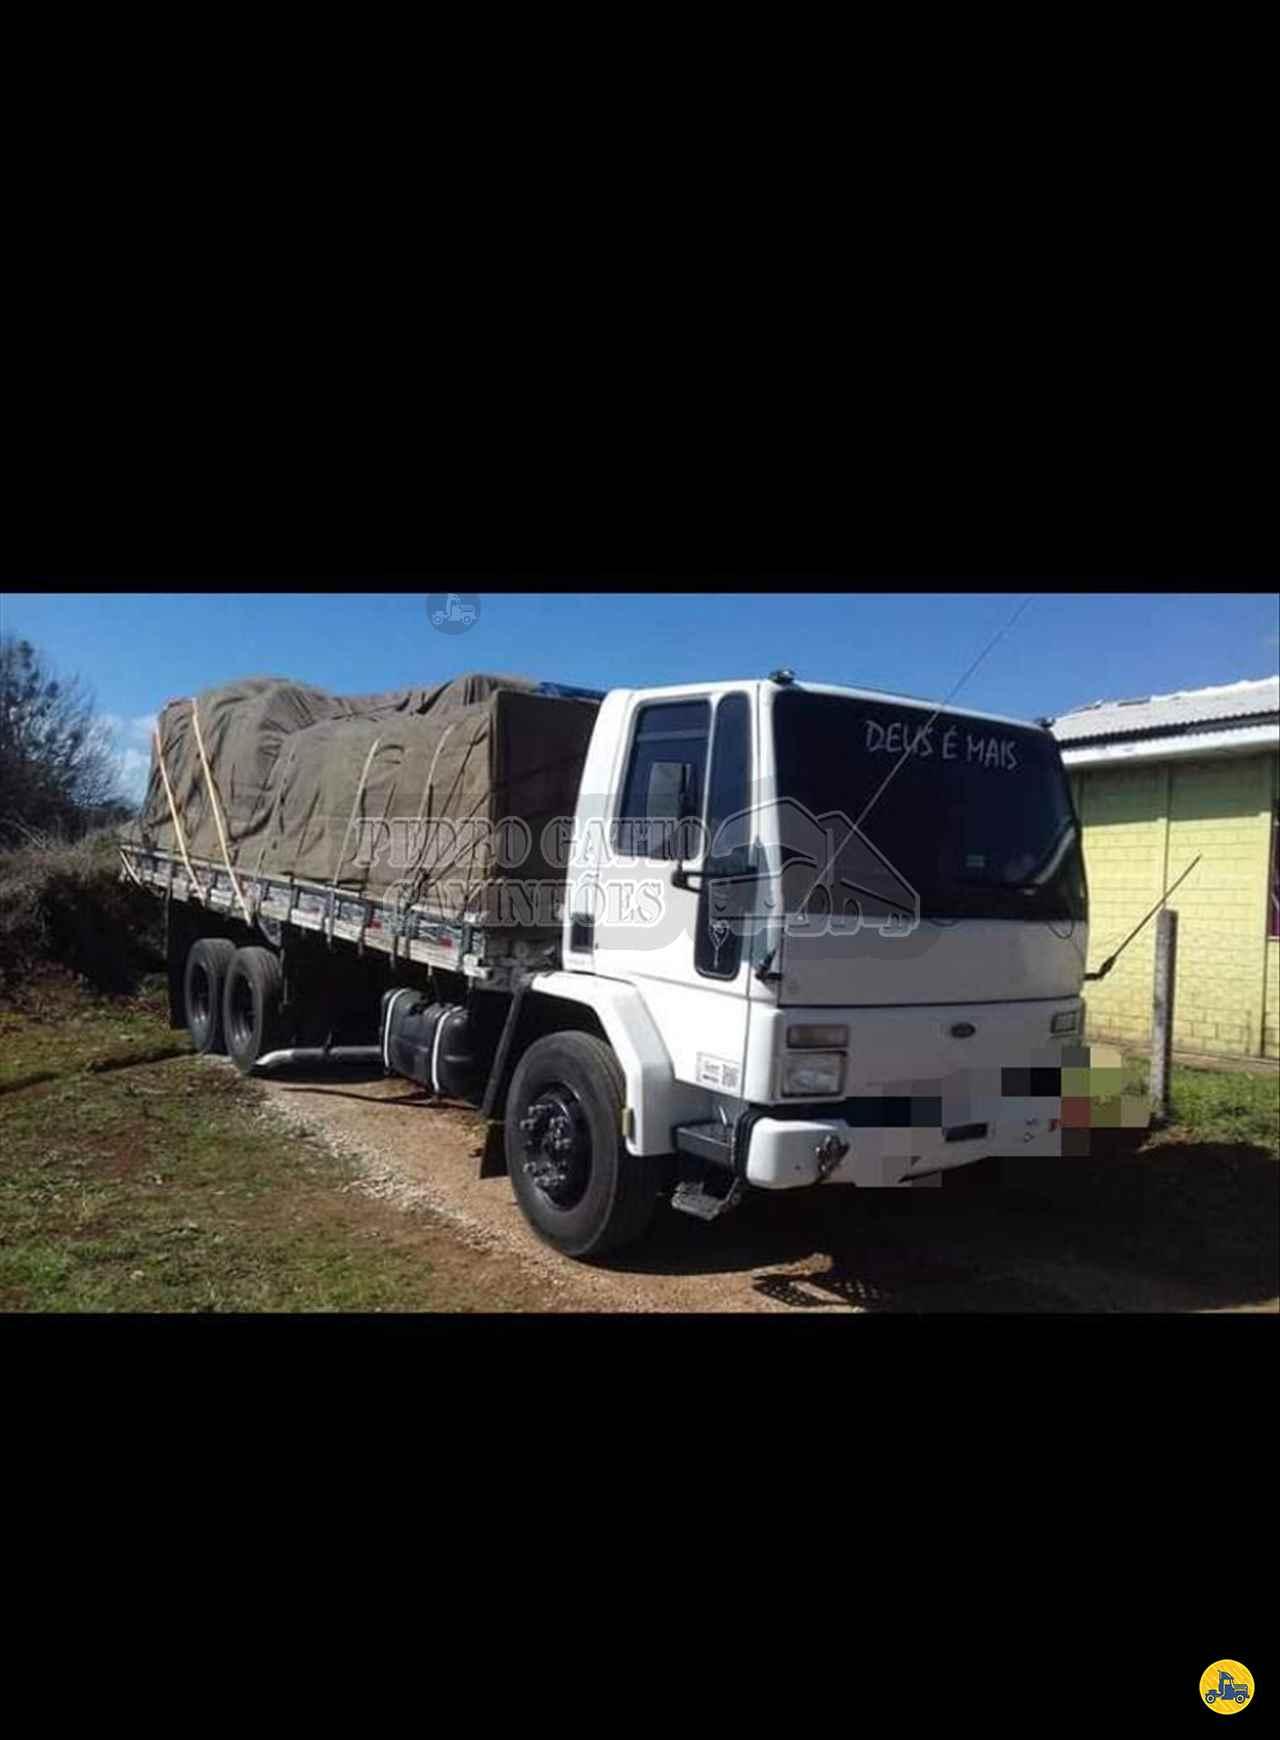 CAMINHAO FORD CARGO 1415 Carga Seca Truck 6x2 Pedro Gatto Caminhões MARINGA PARANÁ PR